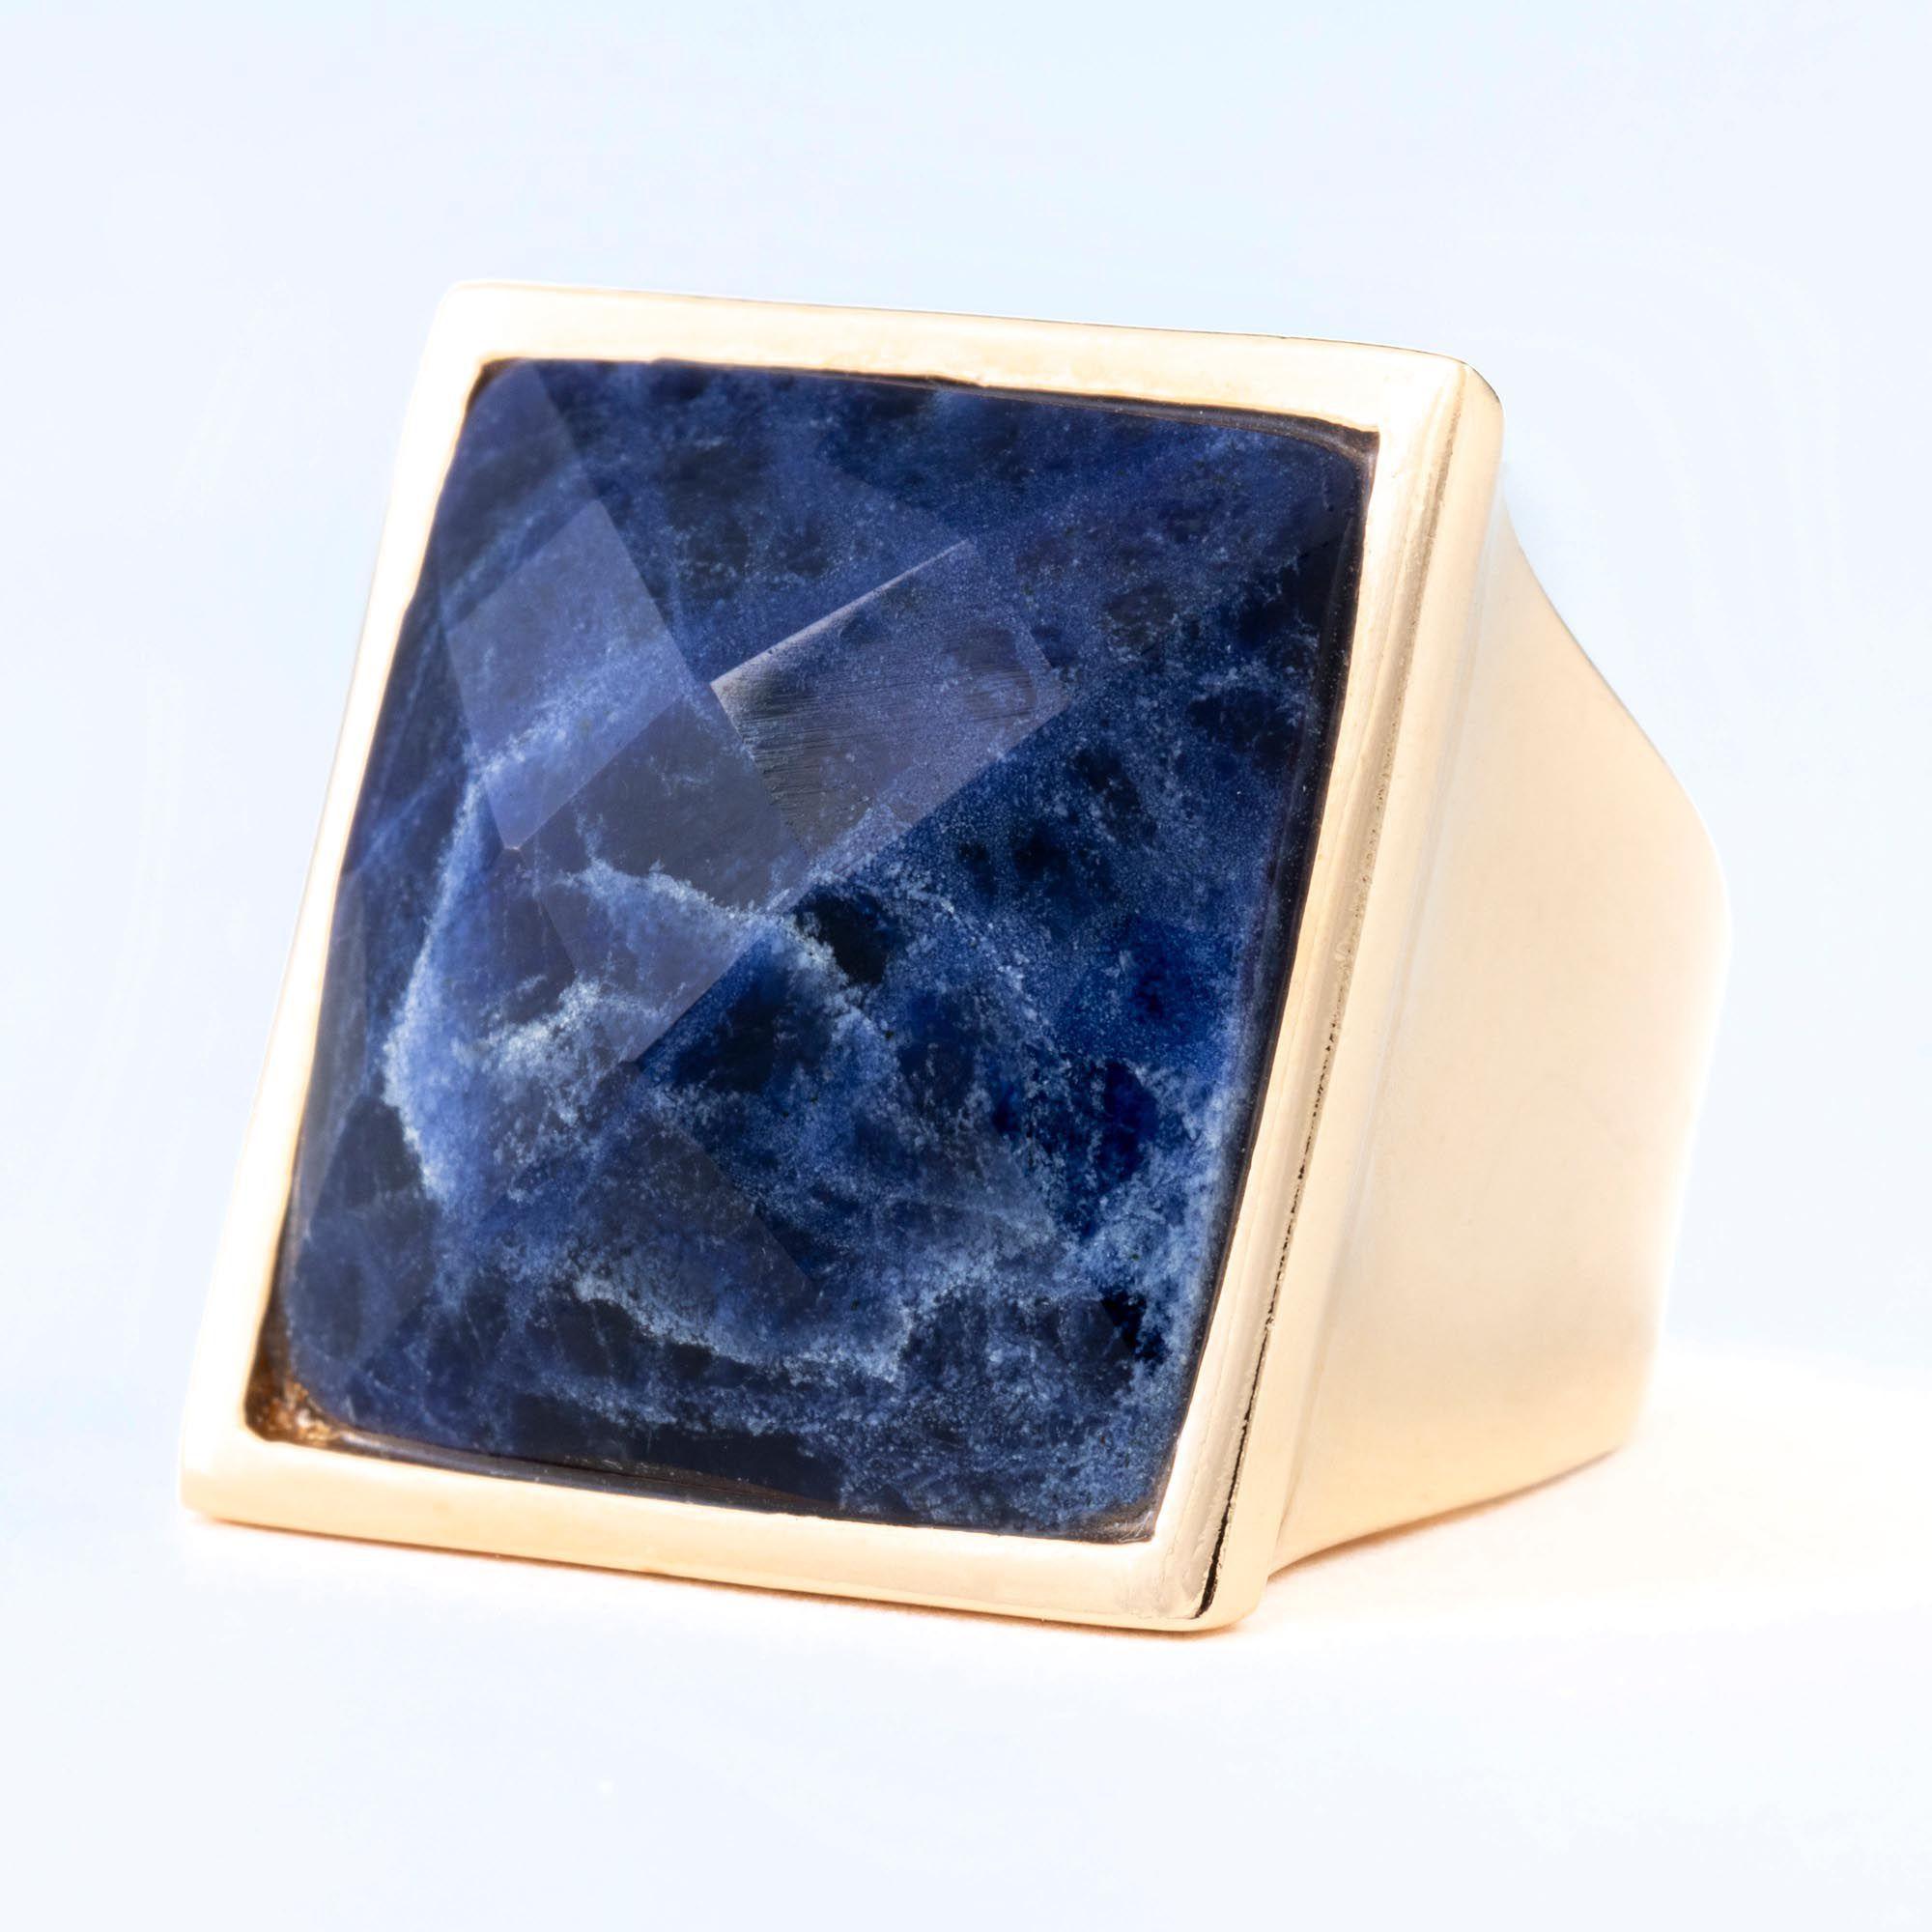 Anel Quebec, com pedra Sodalita, folheado no ouro 18k.